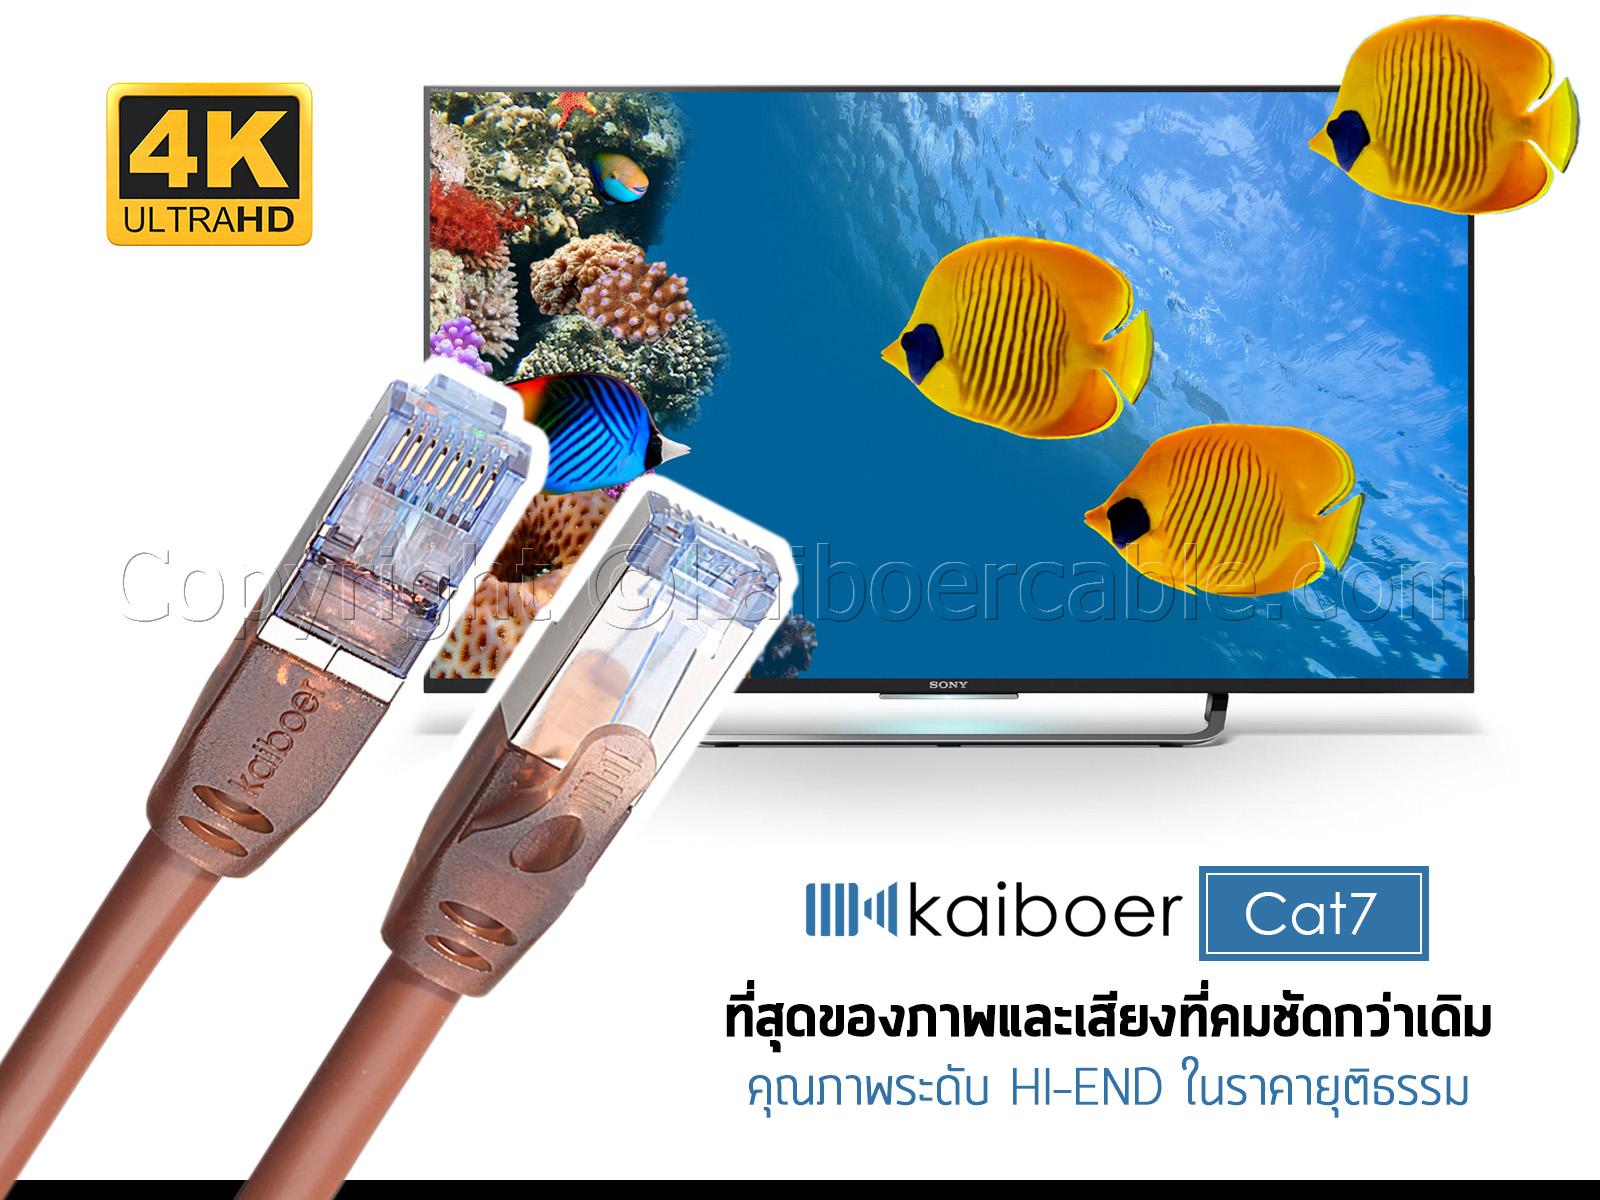 Kaiboer_Cat7_1